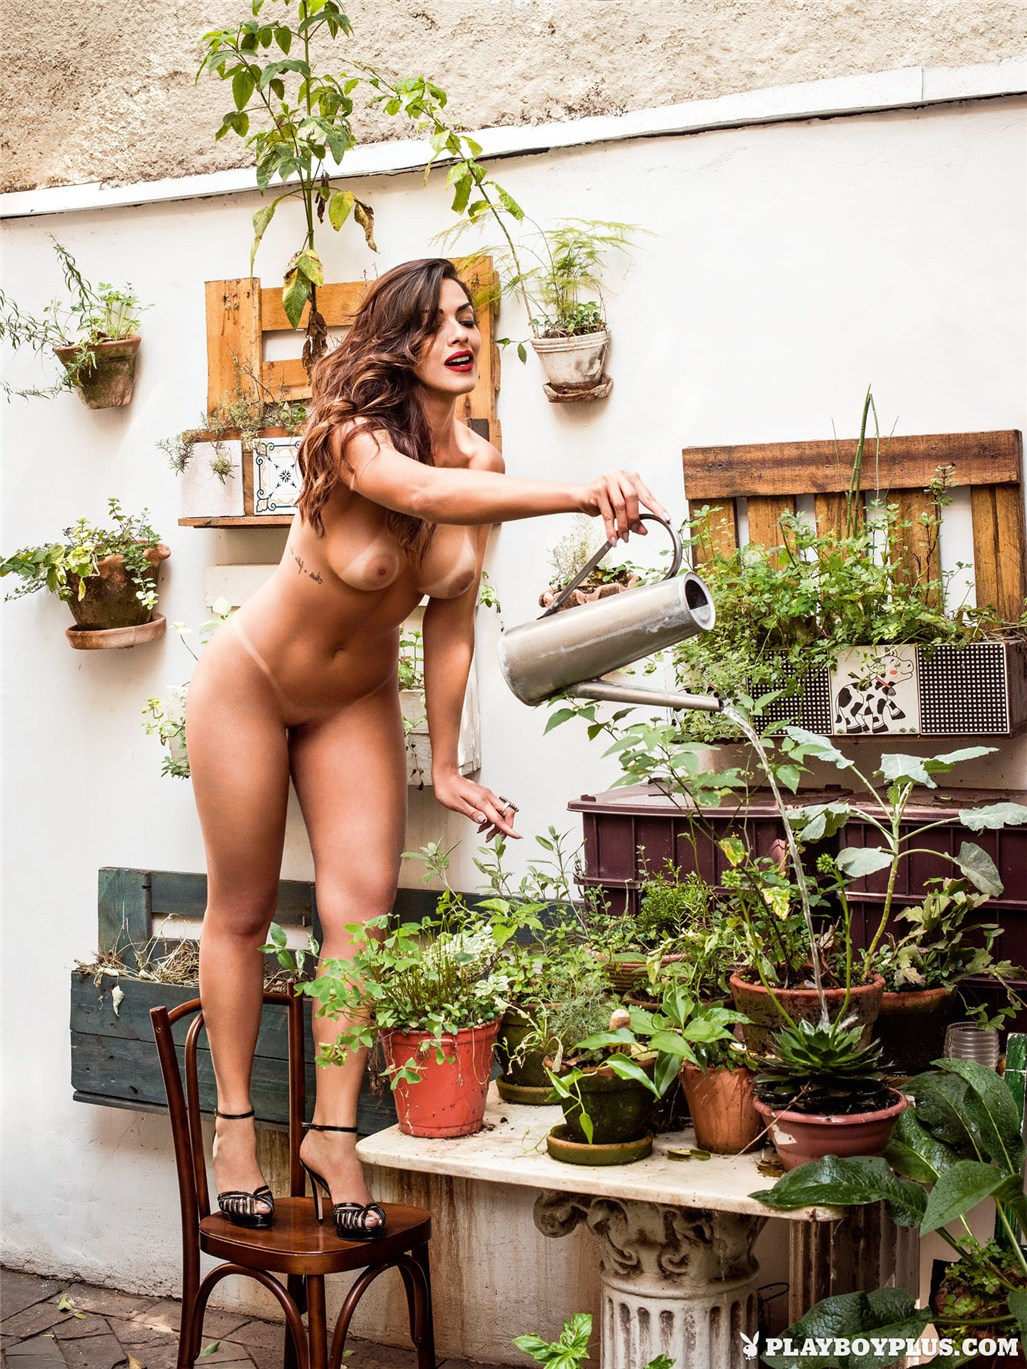 Девушка месяца Нуэлле Алвес / Nuelle Alves - Playboy Brazil february 2015 playmate